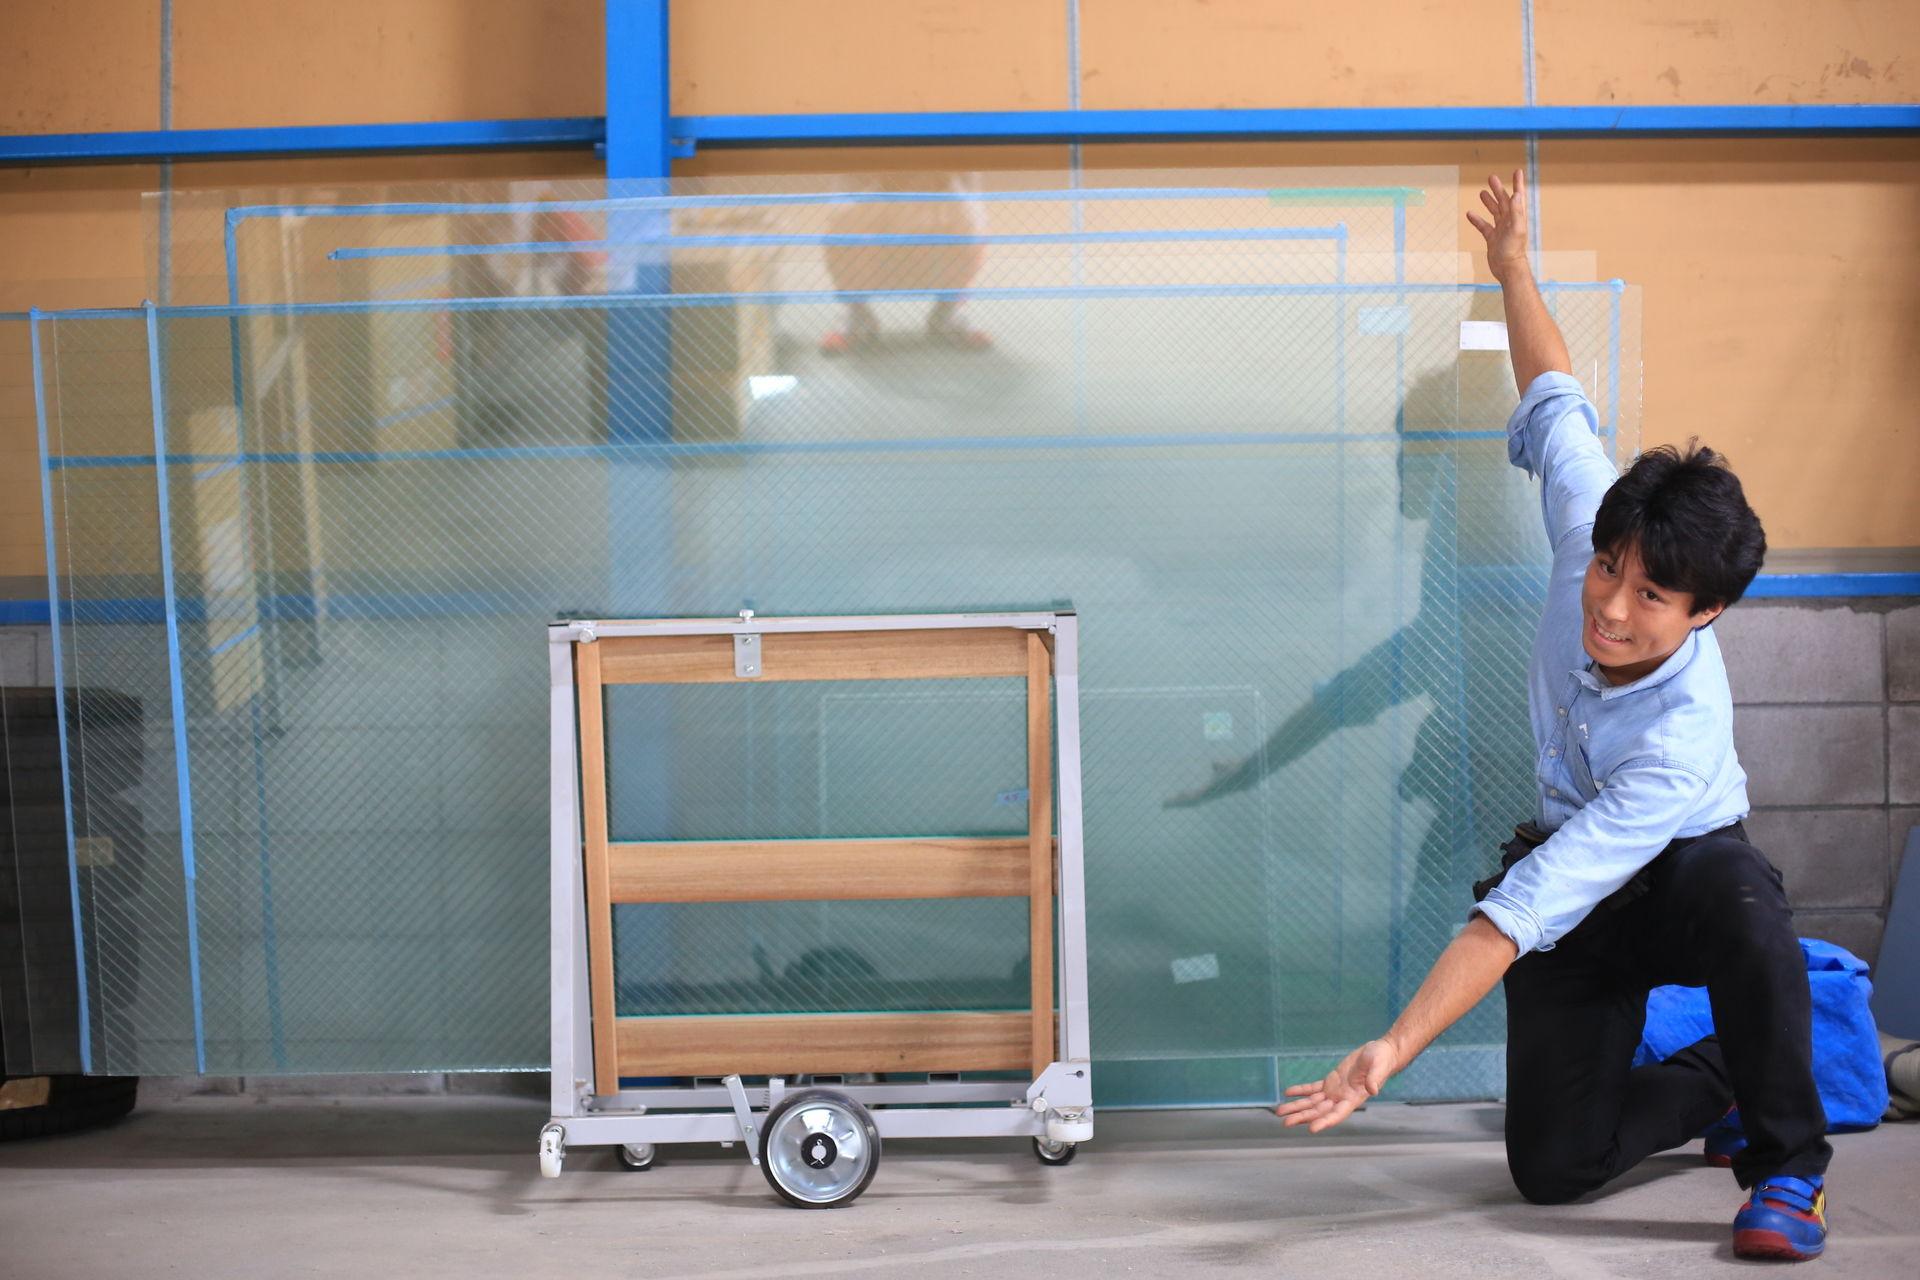 ガラスのトラブル救急車【吉川市 出張エリア】の店内・外観画像2